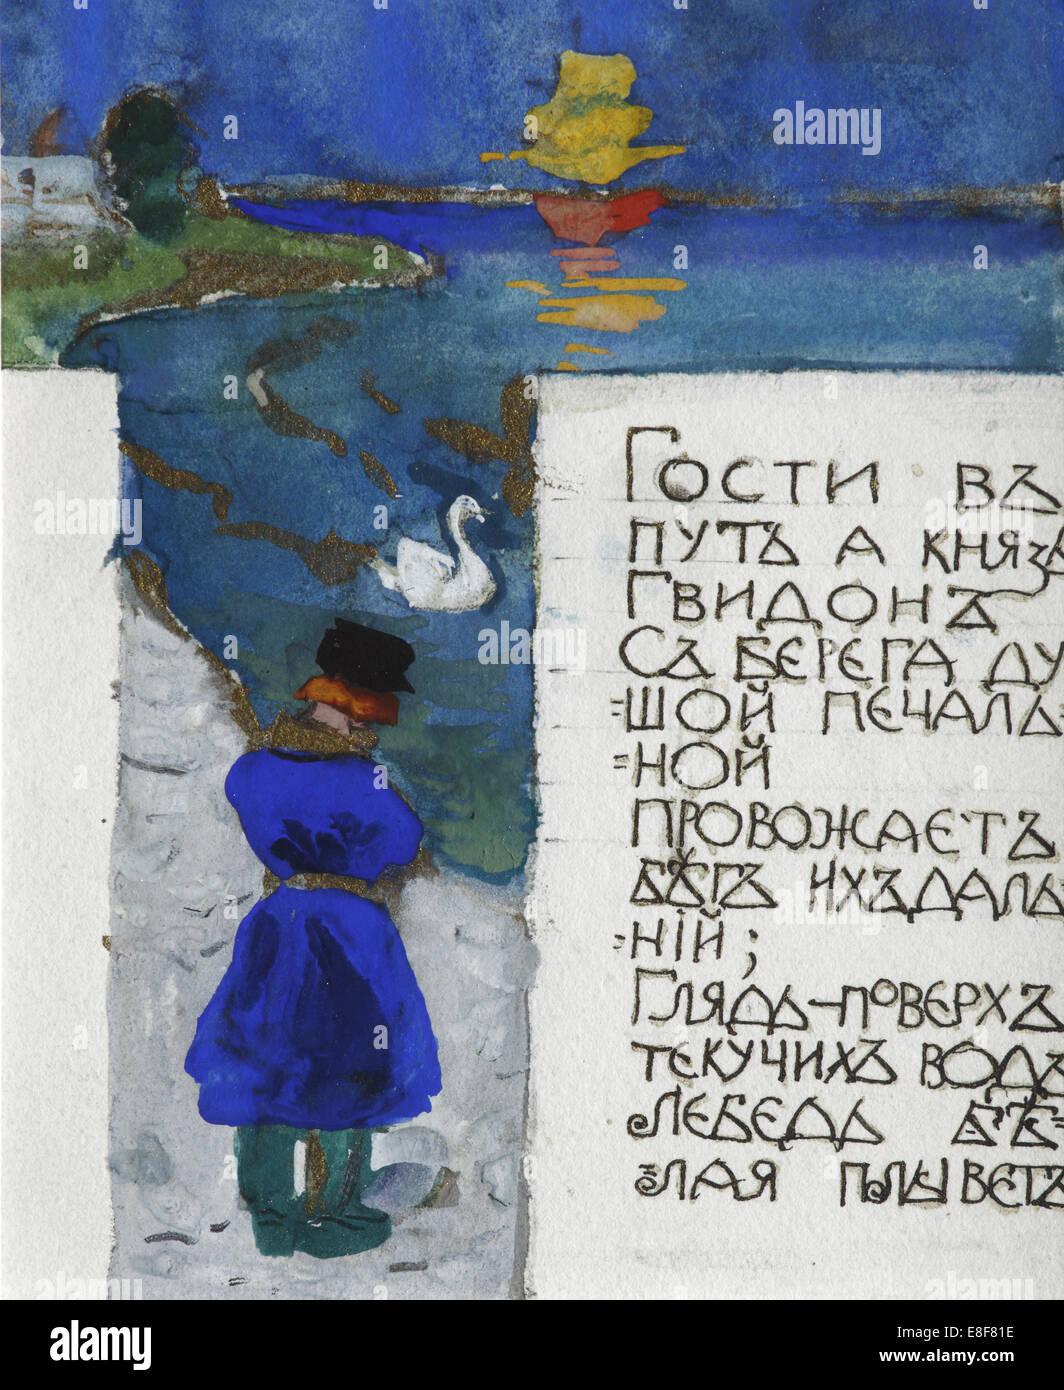 Illustrazione per la favola del Tsar Saltan da A. Pushkin. Artista: Malyutin, Sergei Vasilyevich (1859-1937) Immagini Stock